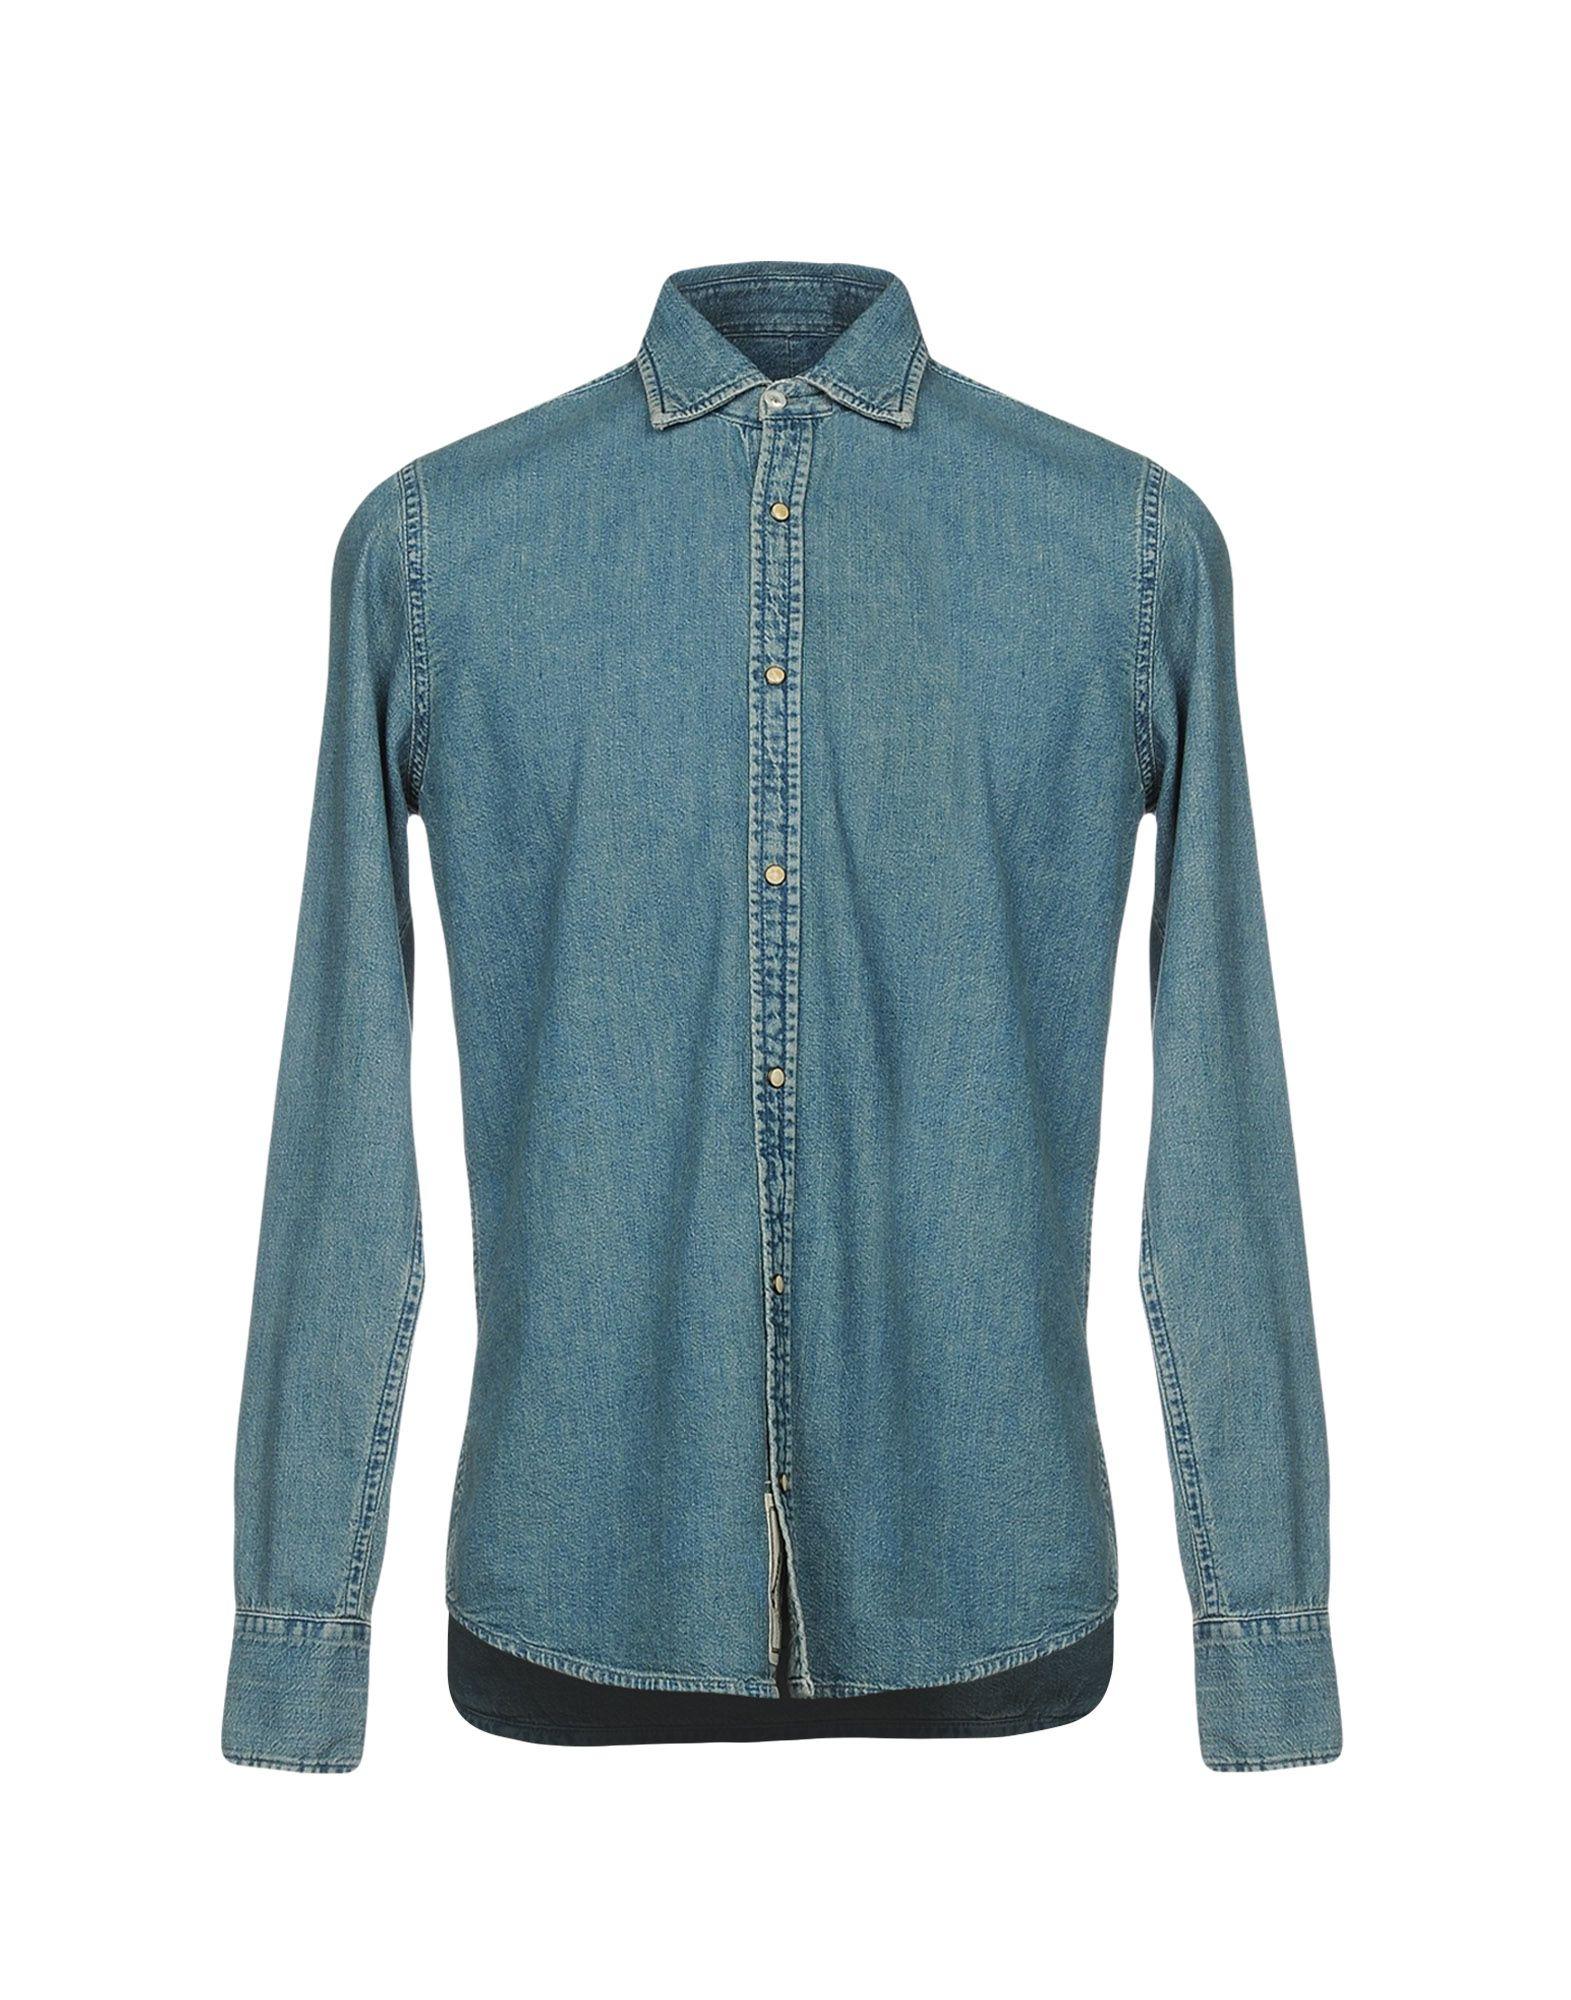 купить PENCE Джинсовая рубашка дешево